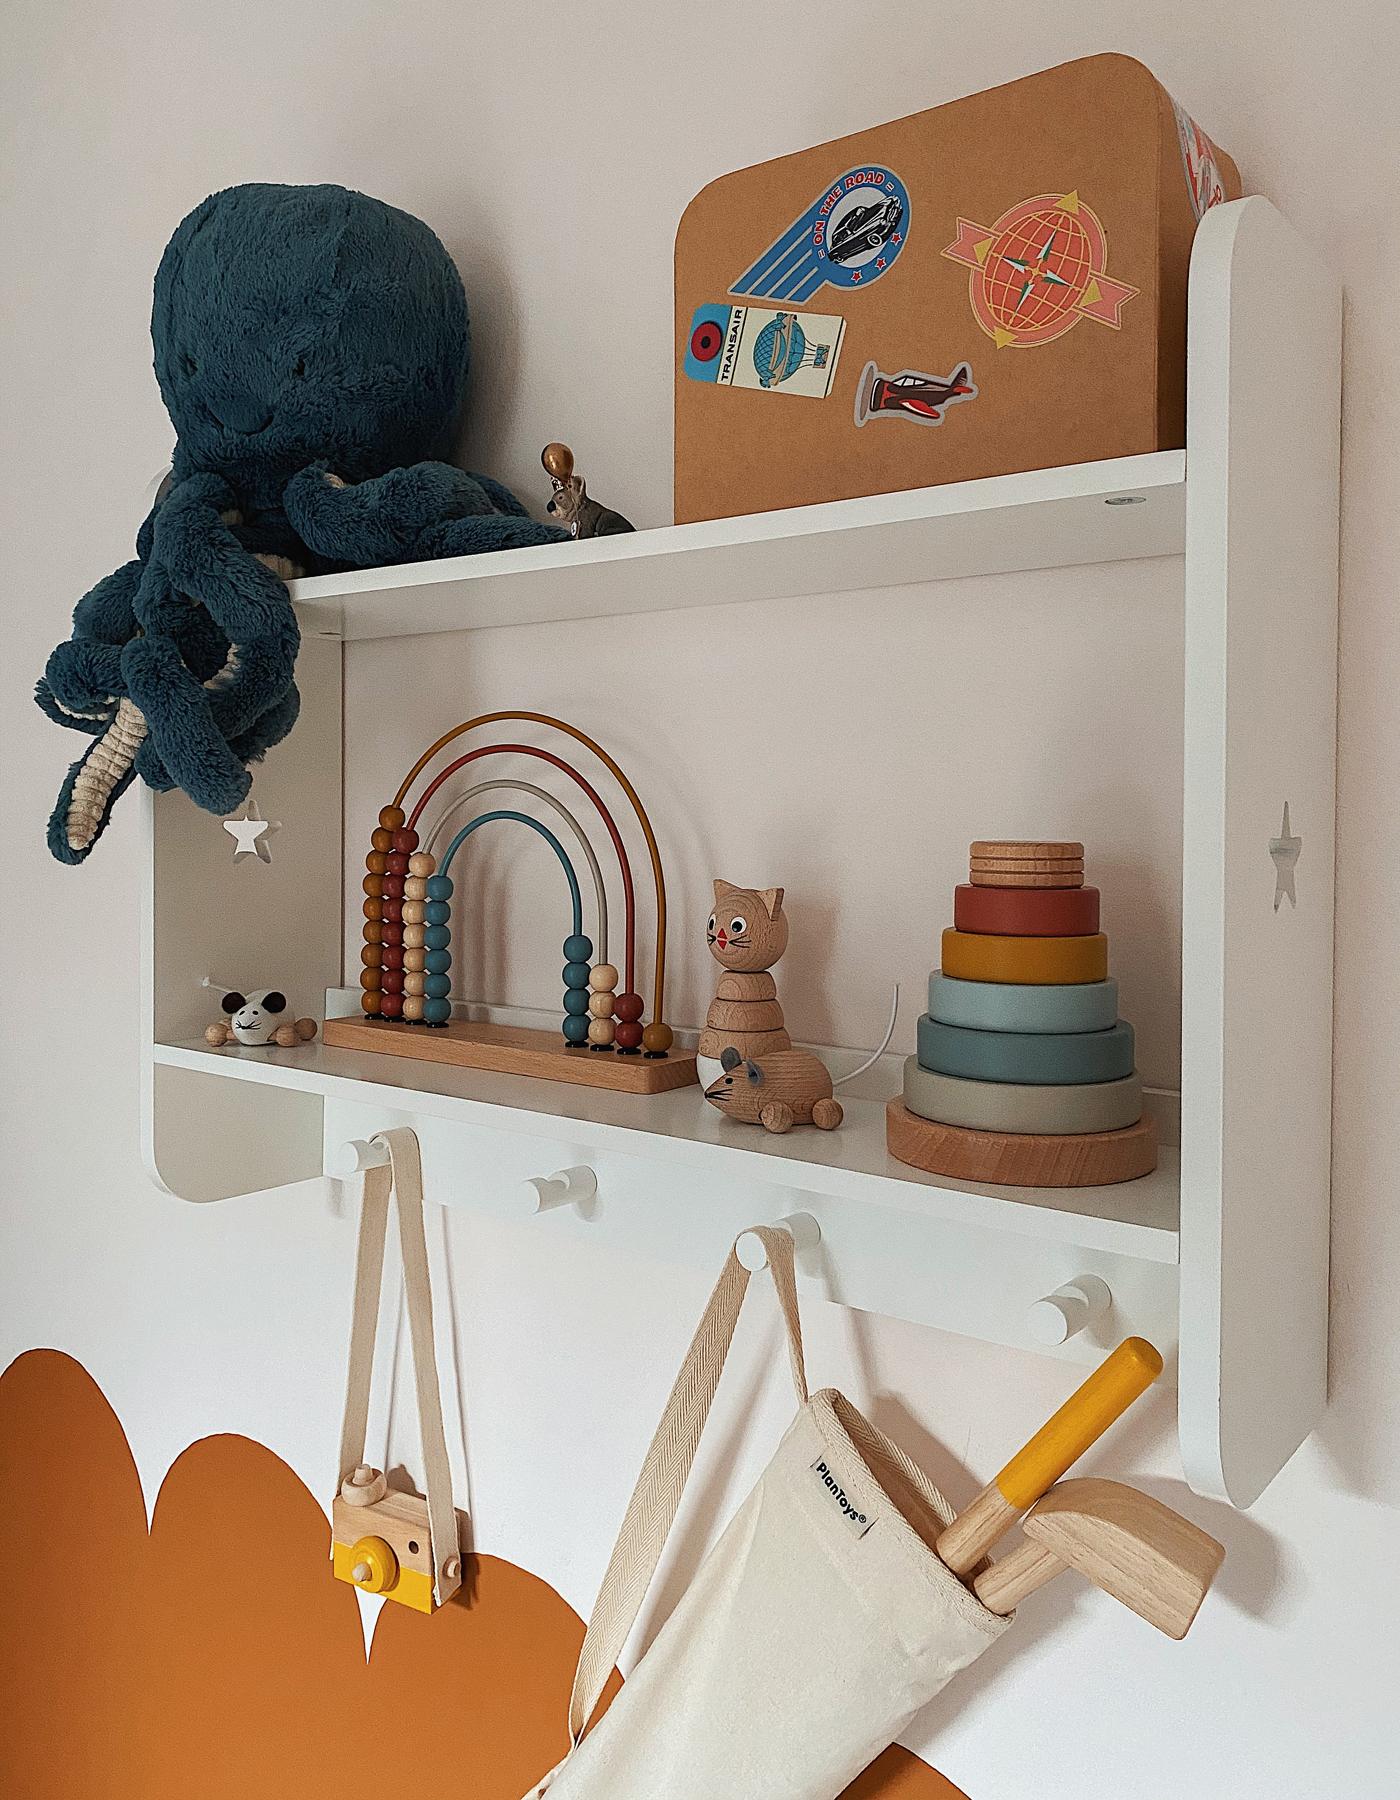 Geat Little Trading Co shelf